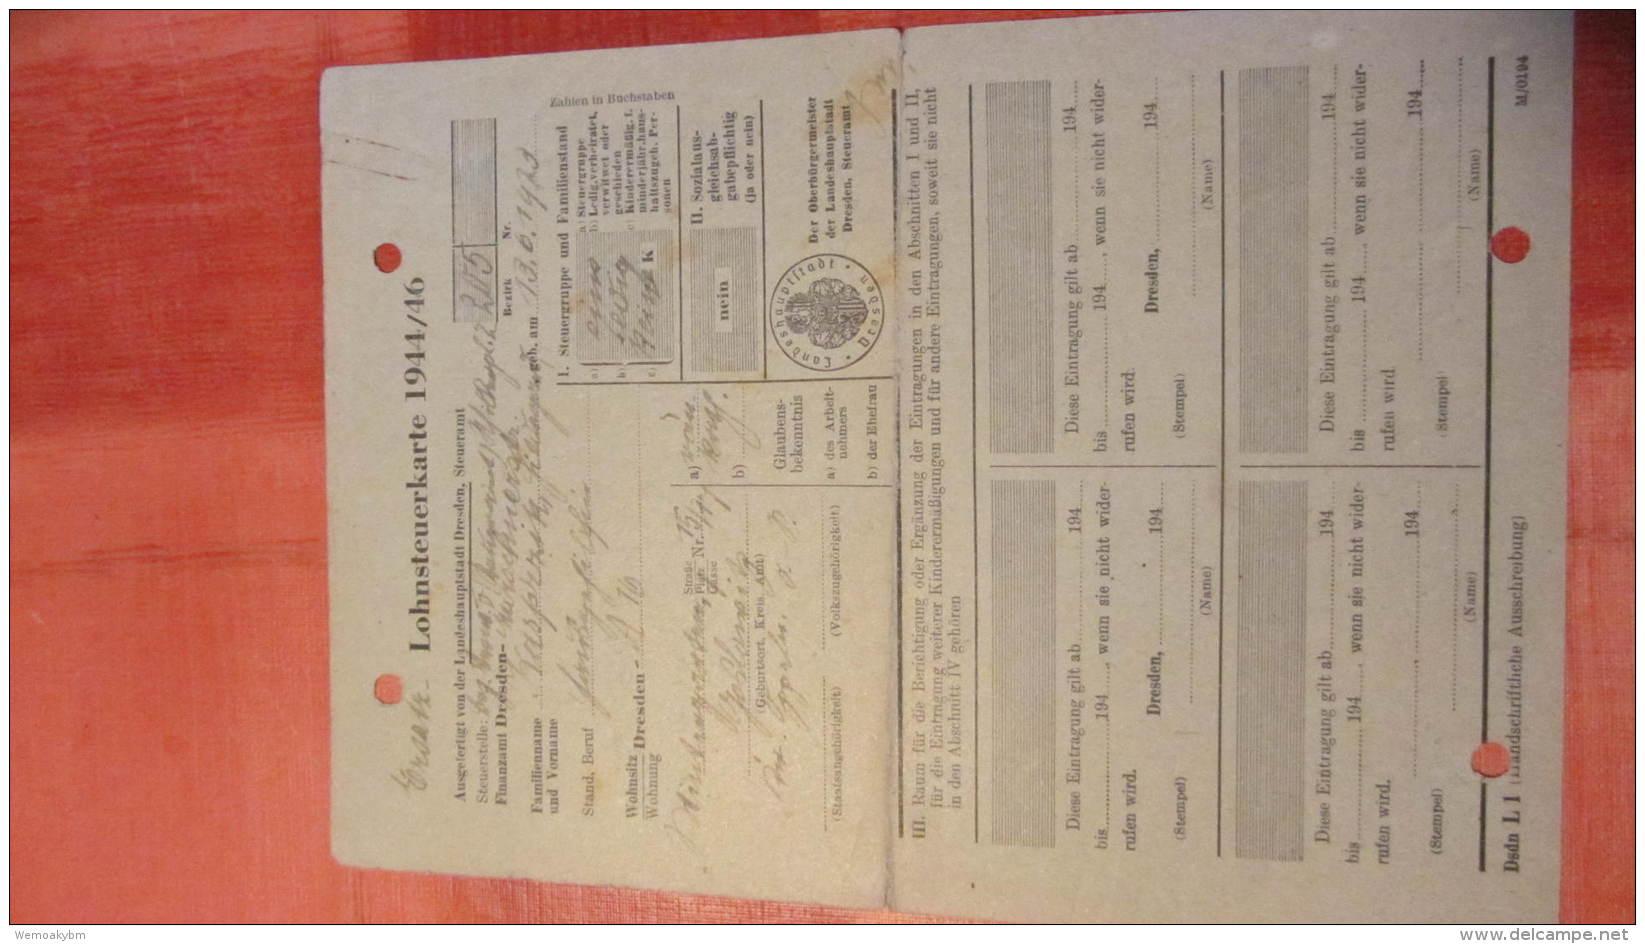 Lohnsteuerkarte 1944/45 Aus Dresden A-16 Mit Aktenlochung - Historische Dokumente